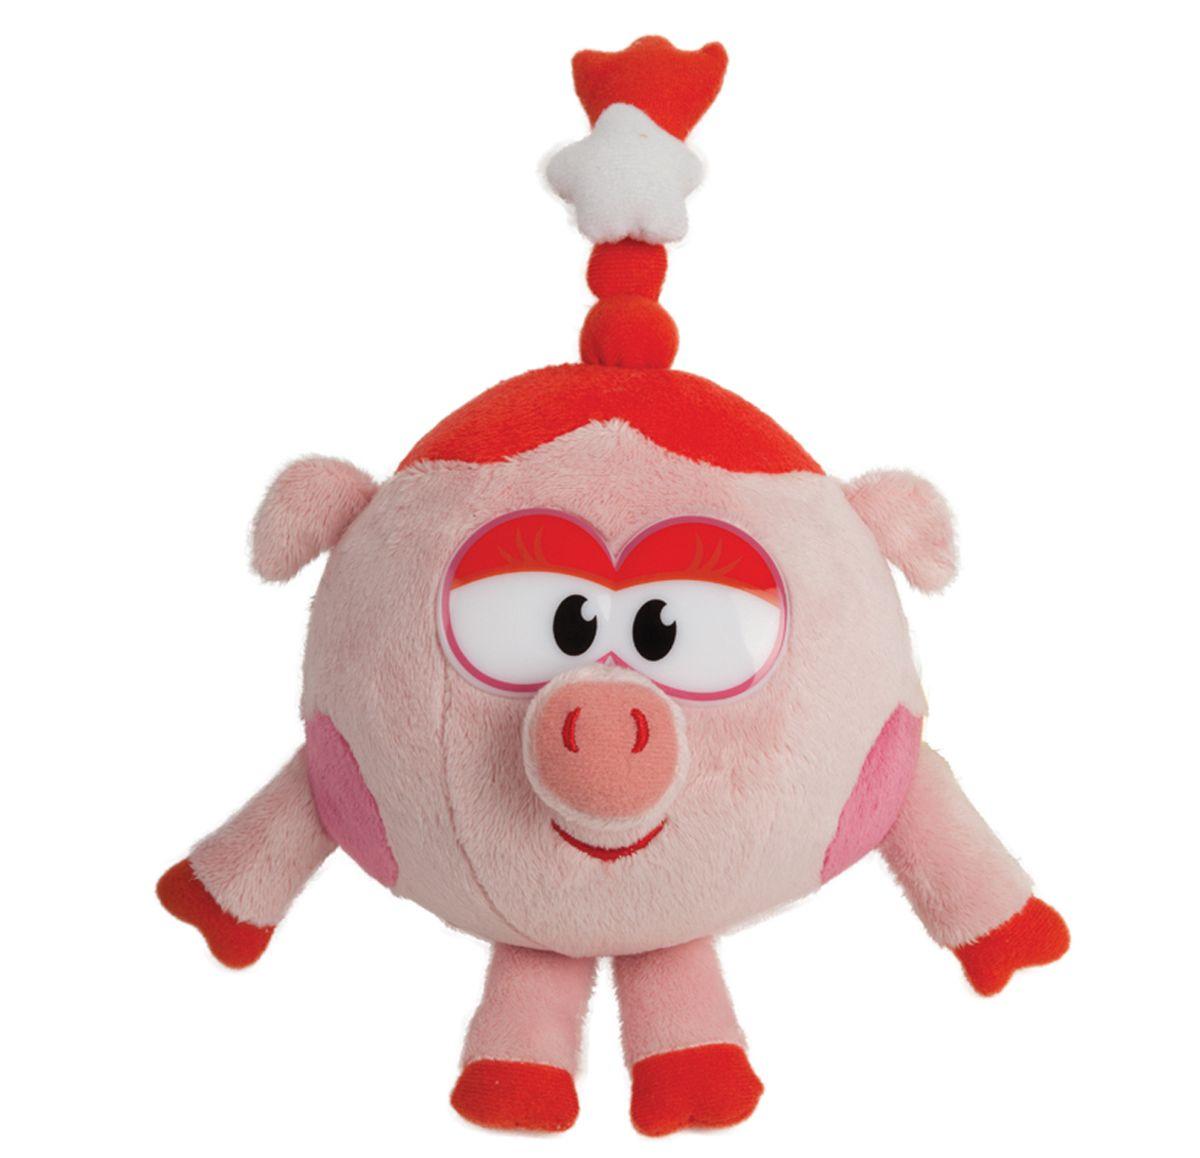 Мульти-Пульти Мягкая игрушка Нюша 10 смV91734/10Мягкая игрушка сама по себе ассоциируется с радостью и весельем, конечно, и для наших детей такой подарок станет поистине незабываемым. Забавные, добрые мягкие игрушки радуют детей с самого рождения. Ведь уже в первые месяцы жизни ребенок проявляет интерес к плюшевым зверятам и необычным персонажам. Сначала они помогают ему познавать окружающий мир через тактильные ощущения, знакомят его с животным миром нашей планеты, формируют цветовосприятие и способствуют концентрации внимания.